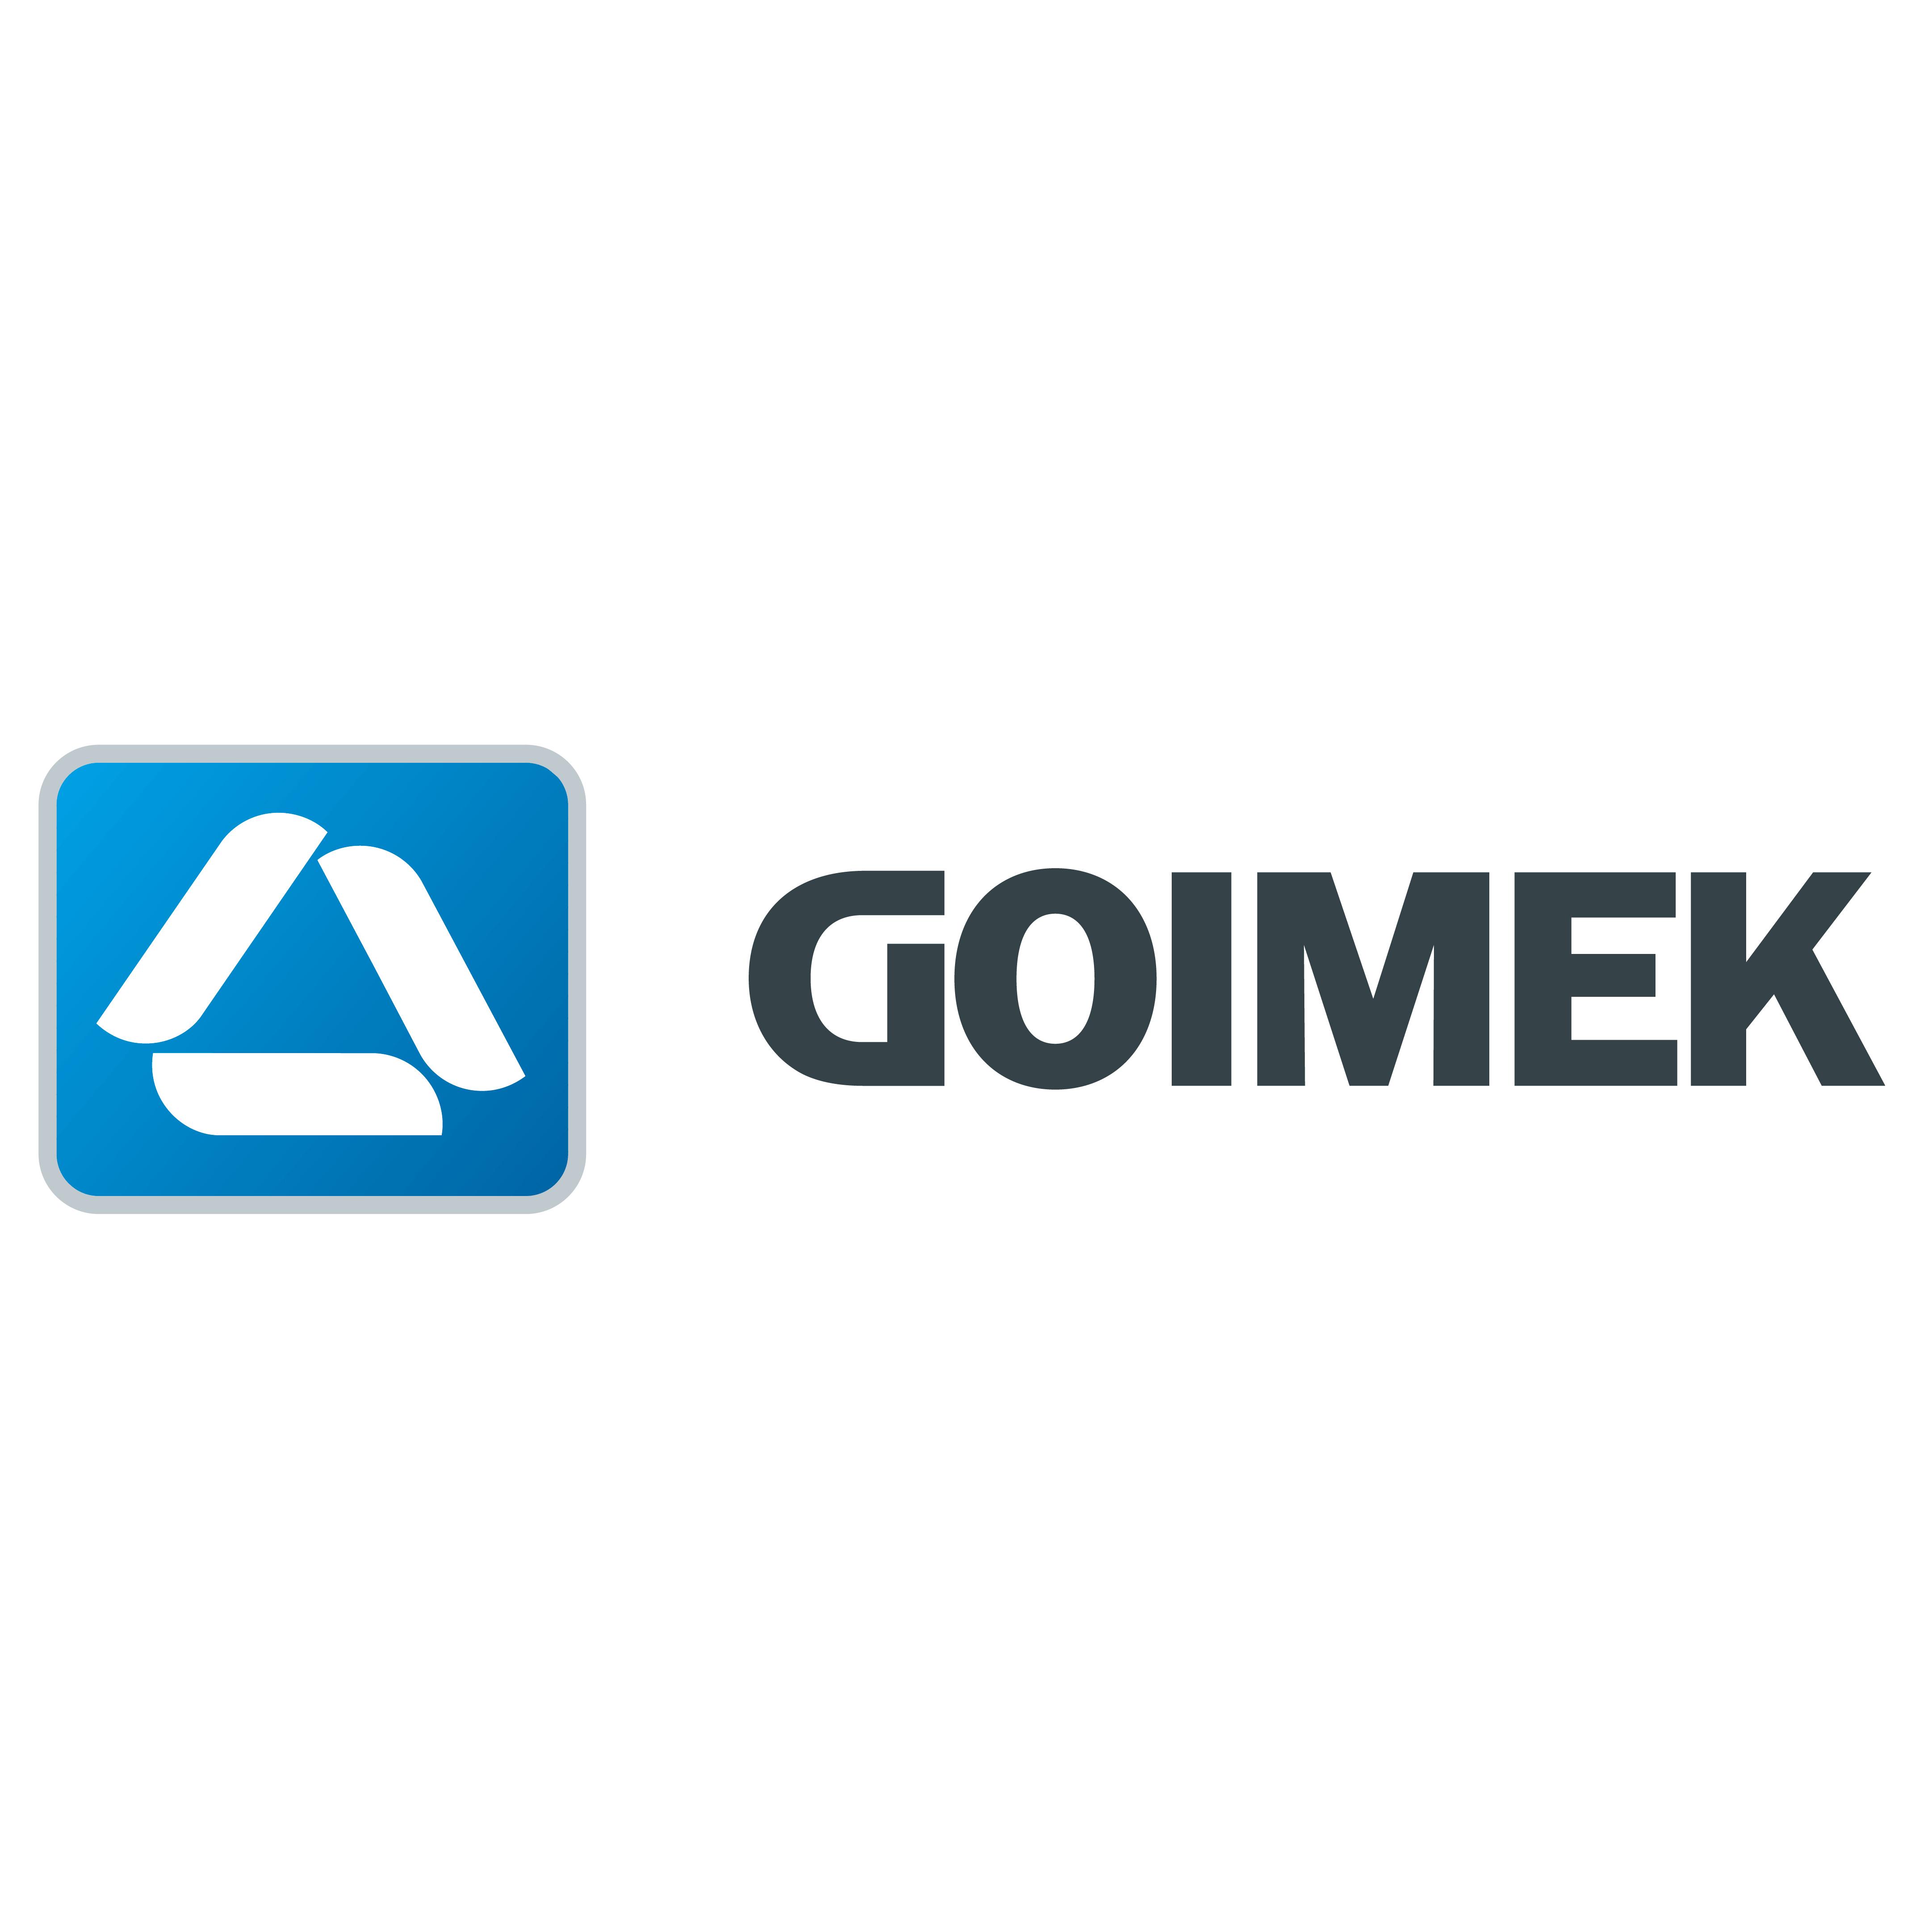 Цветной логотип GOIMEK